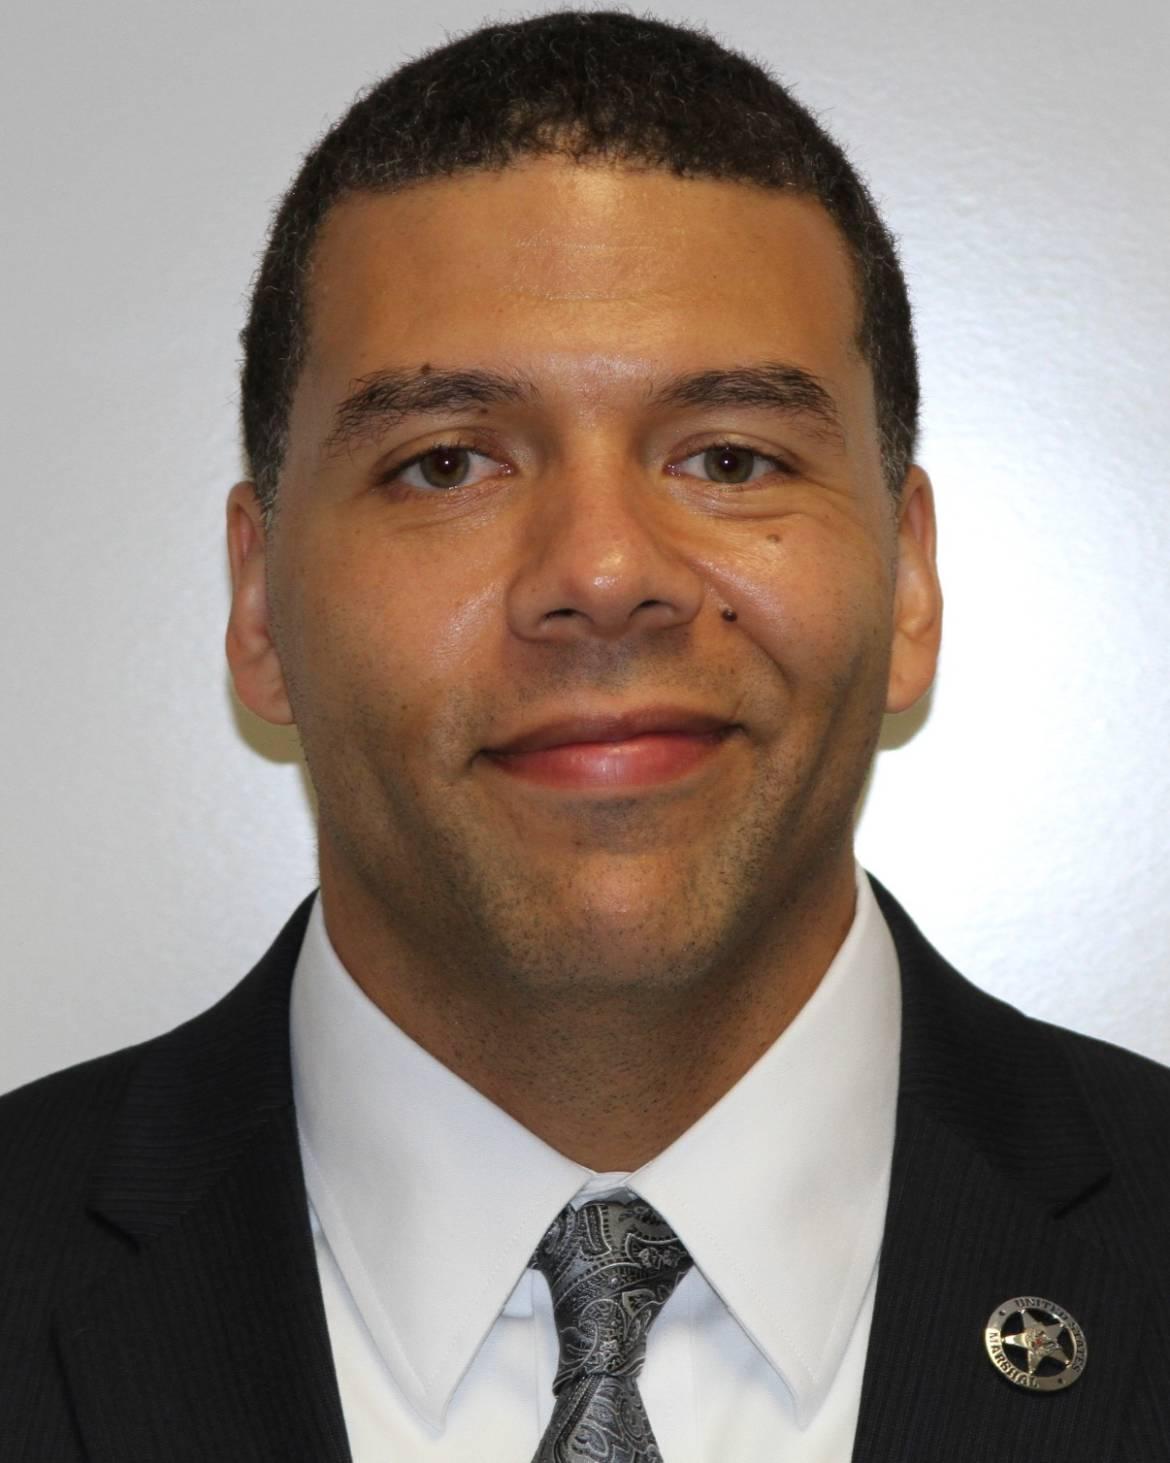 Deputy U.S. Marshal Chase S. White